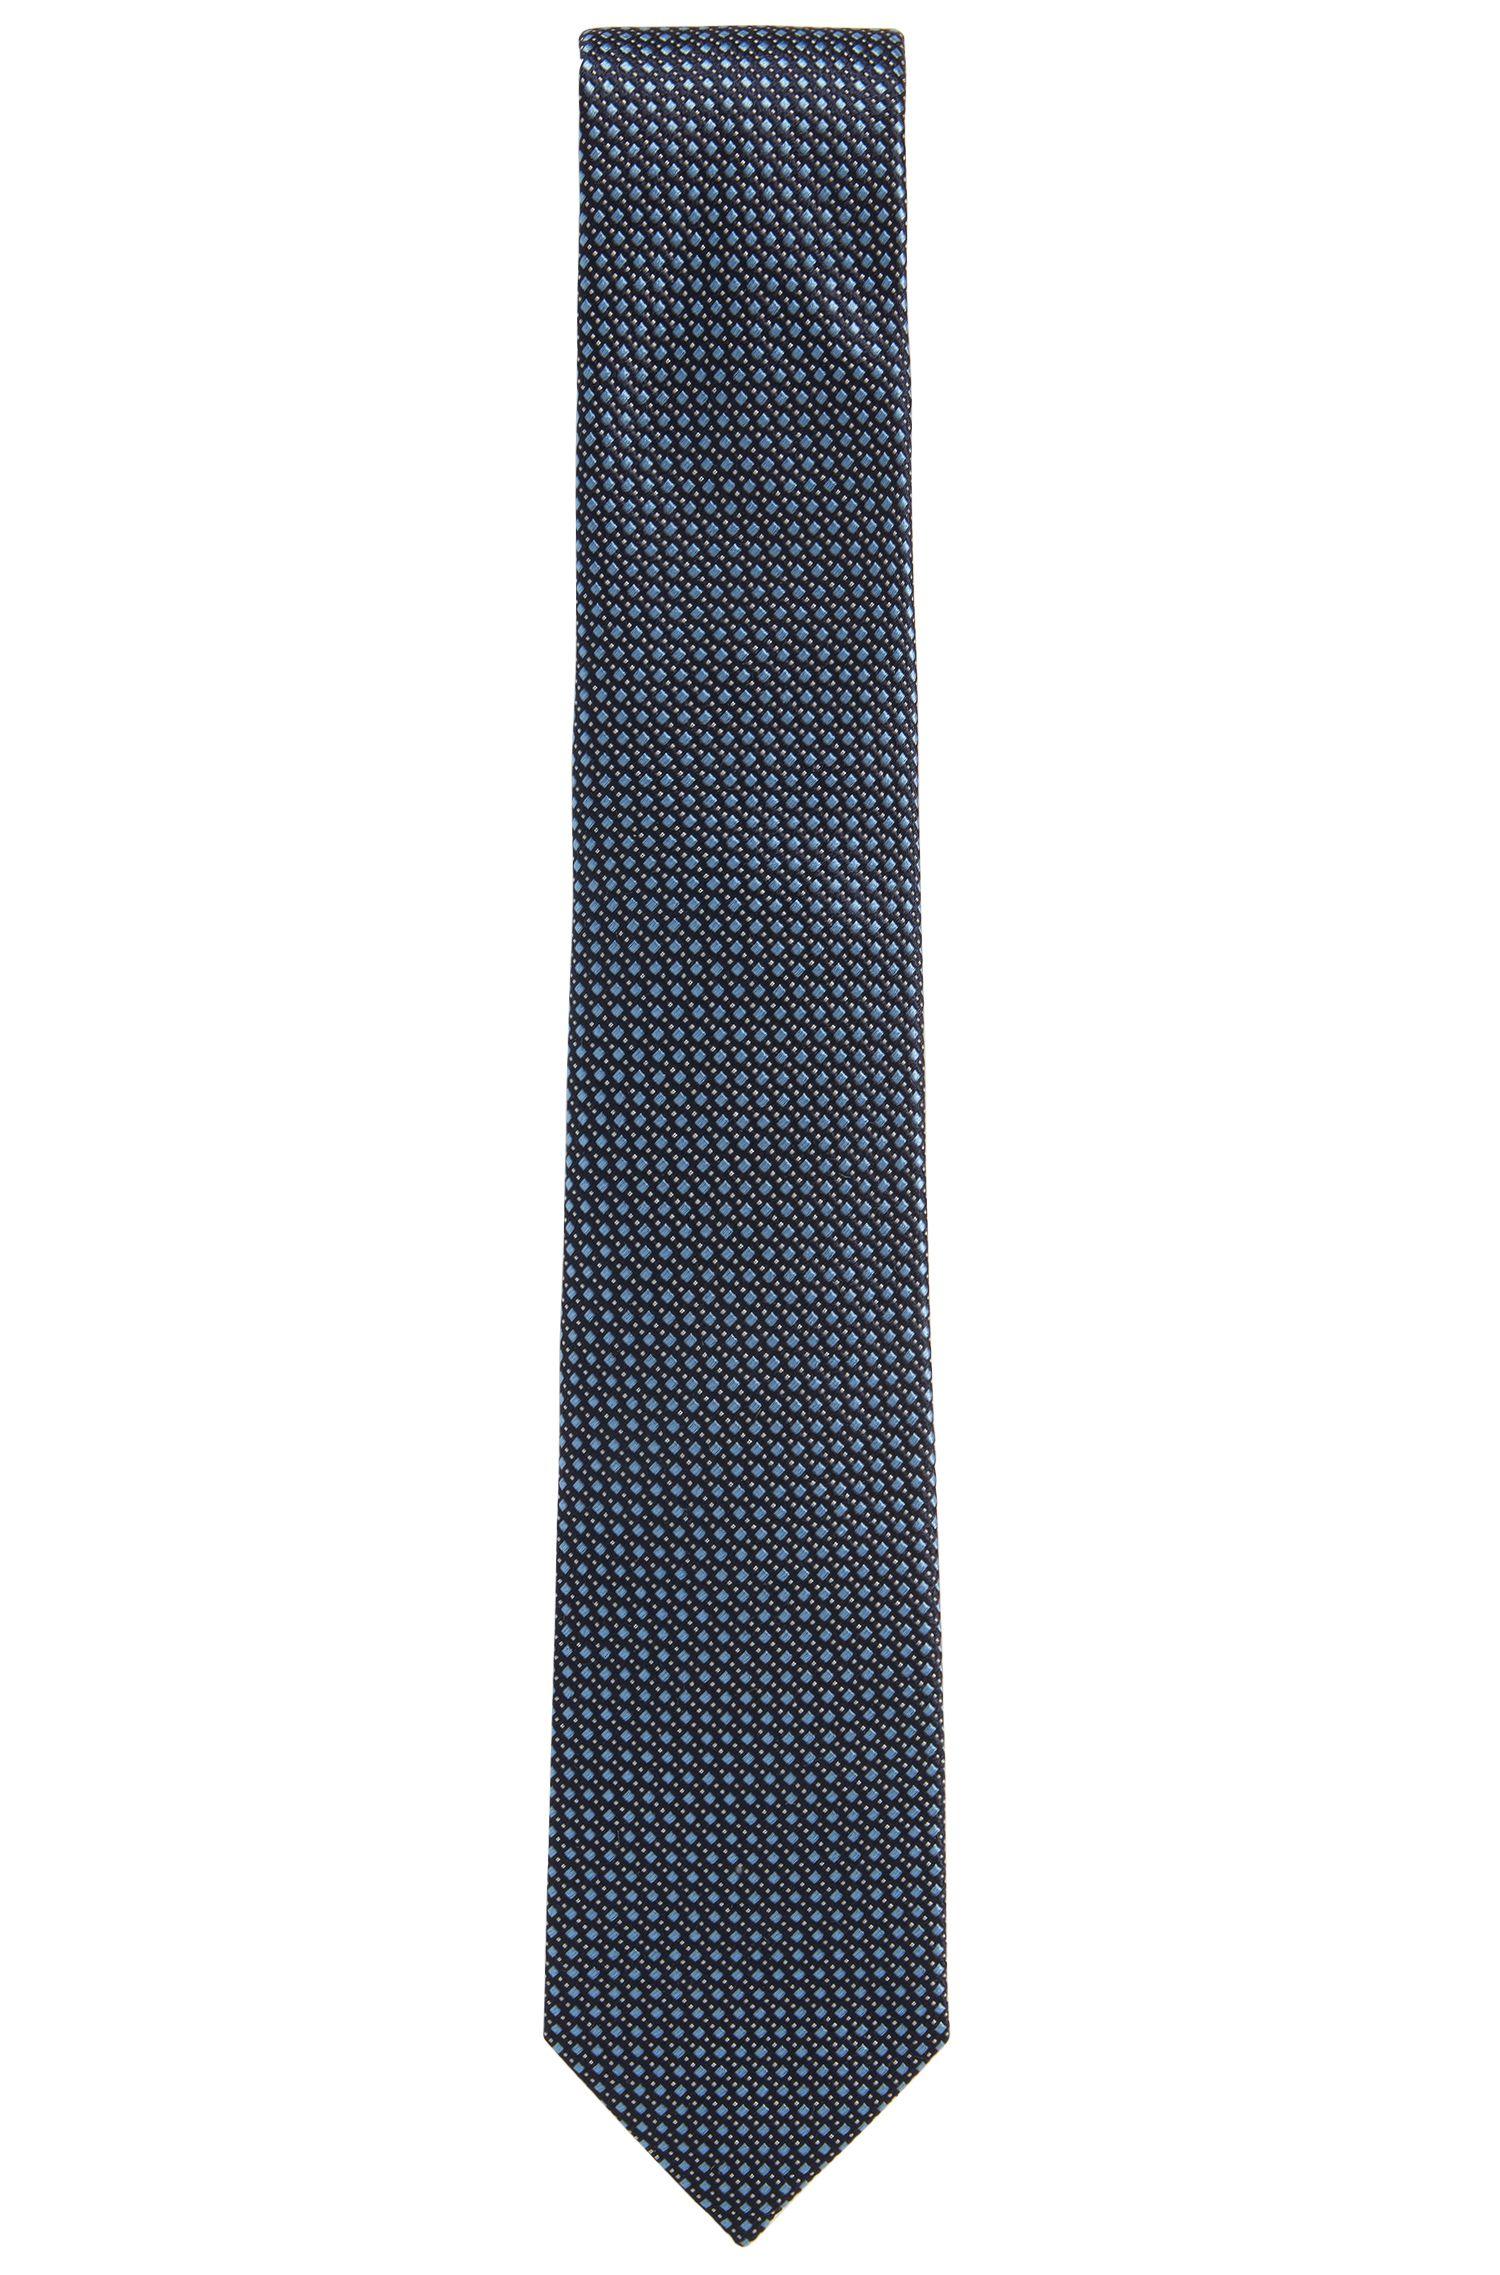 In Italien gefertigte Jacquard-Krawatte aus gemusterter Seide